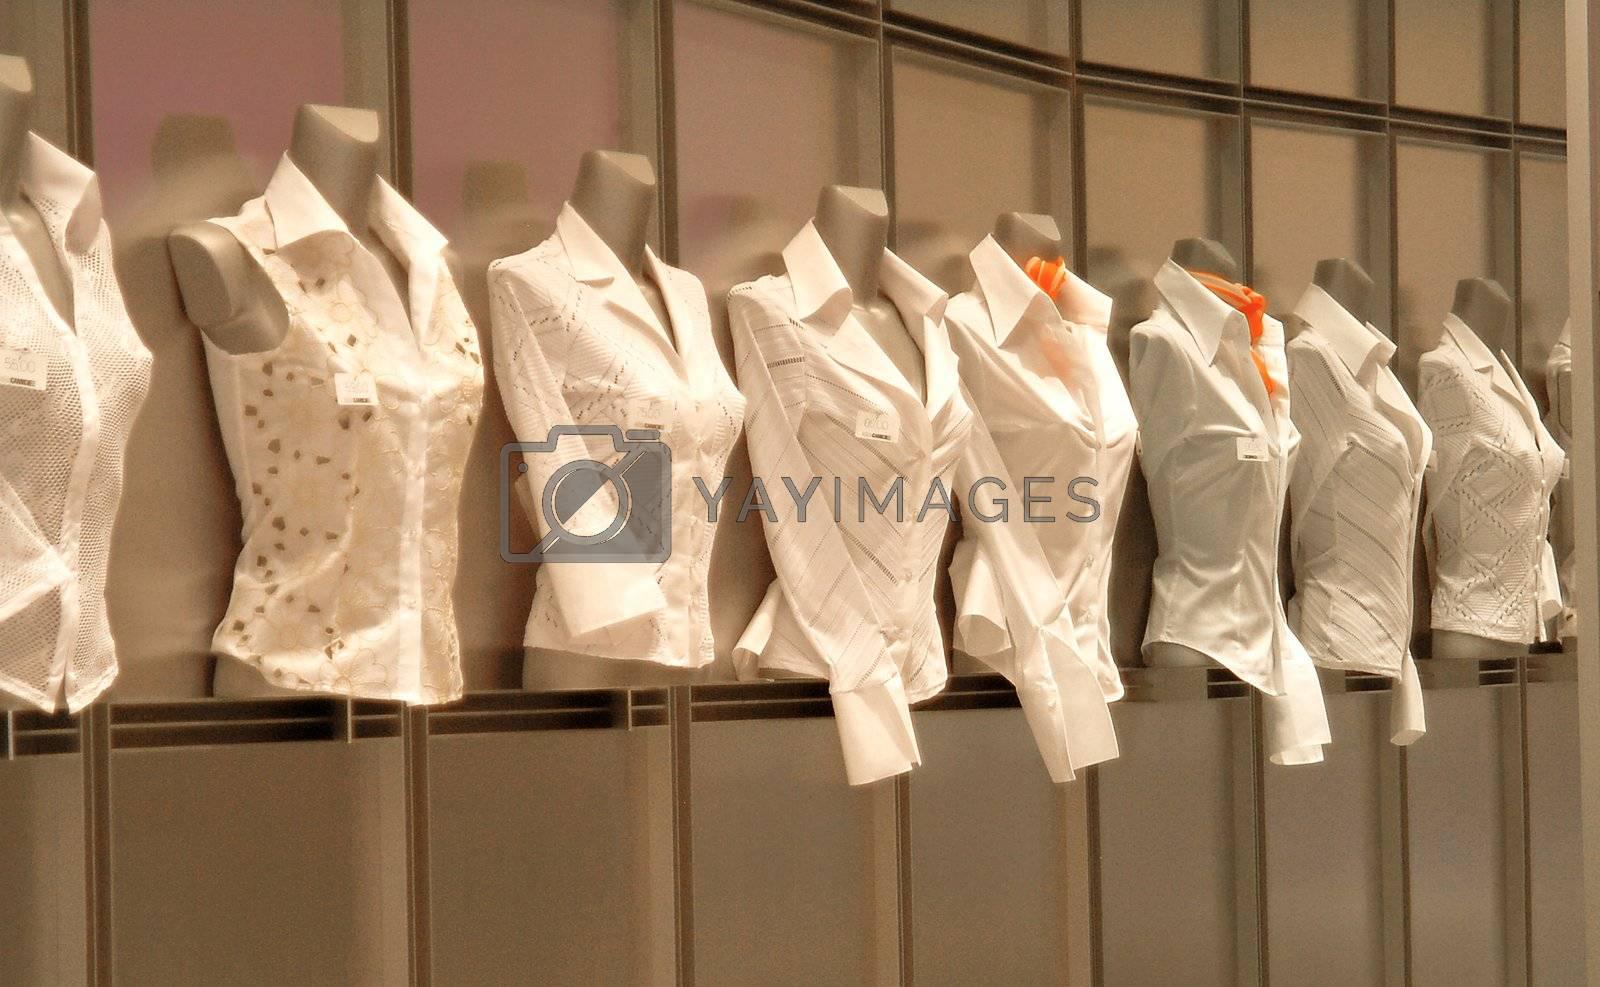 Blusen im Schaufenster | blouses in shopwindow by fotofritz